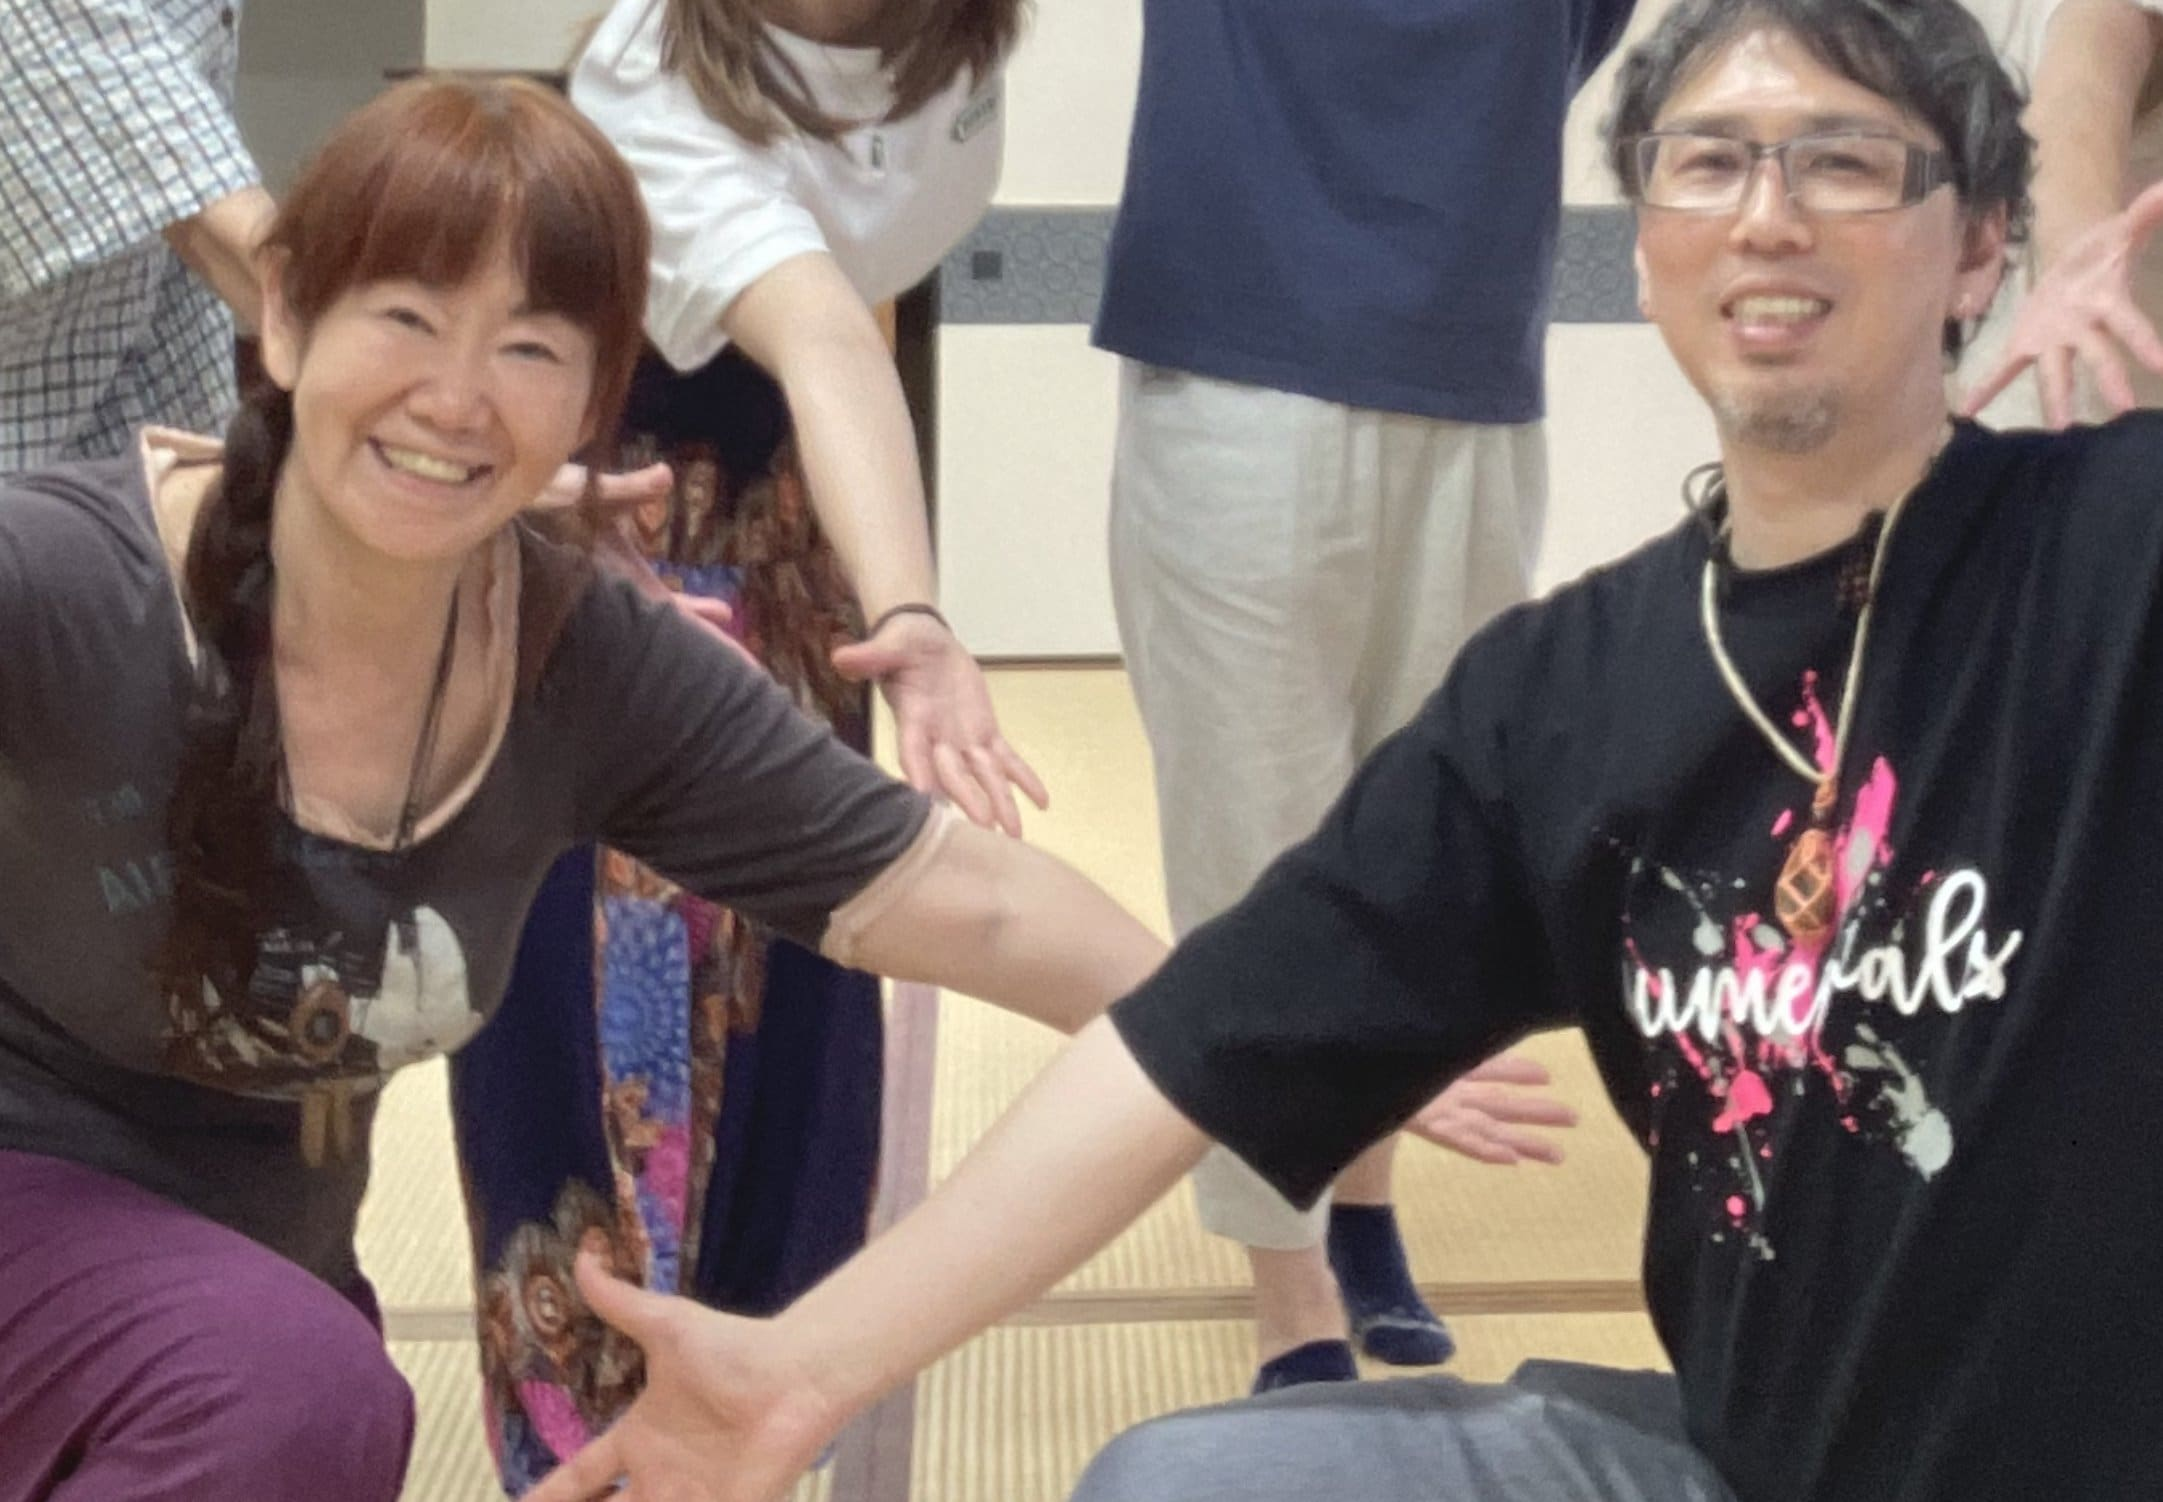 東京 開運 三密覚醒&エネルギーアップ 霊氣ネシオロジーセミナー 〜体と心の癒やしの手になる講座〜のイメージその1